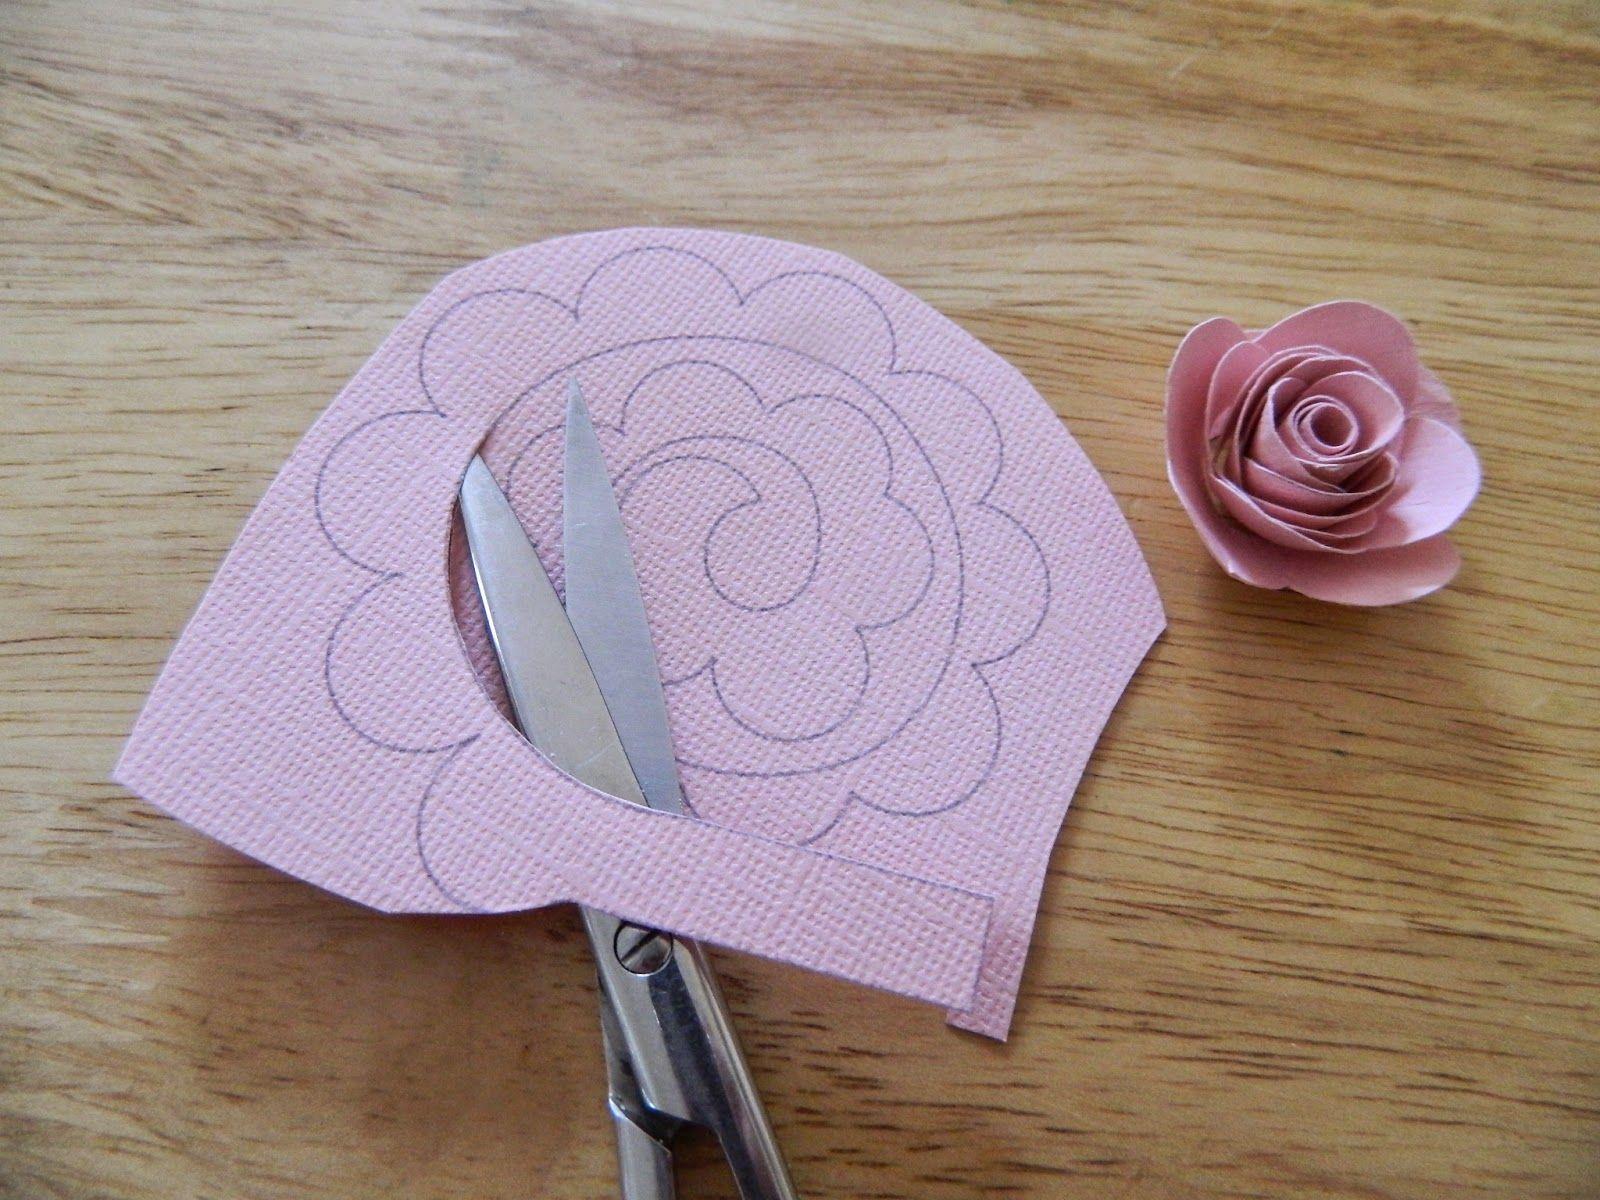 Поздравительную, как сделать розу из бумаги своими руками для открытки